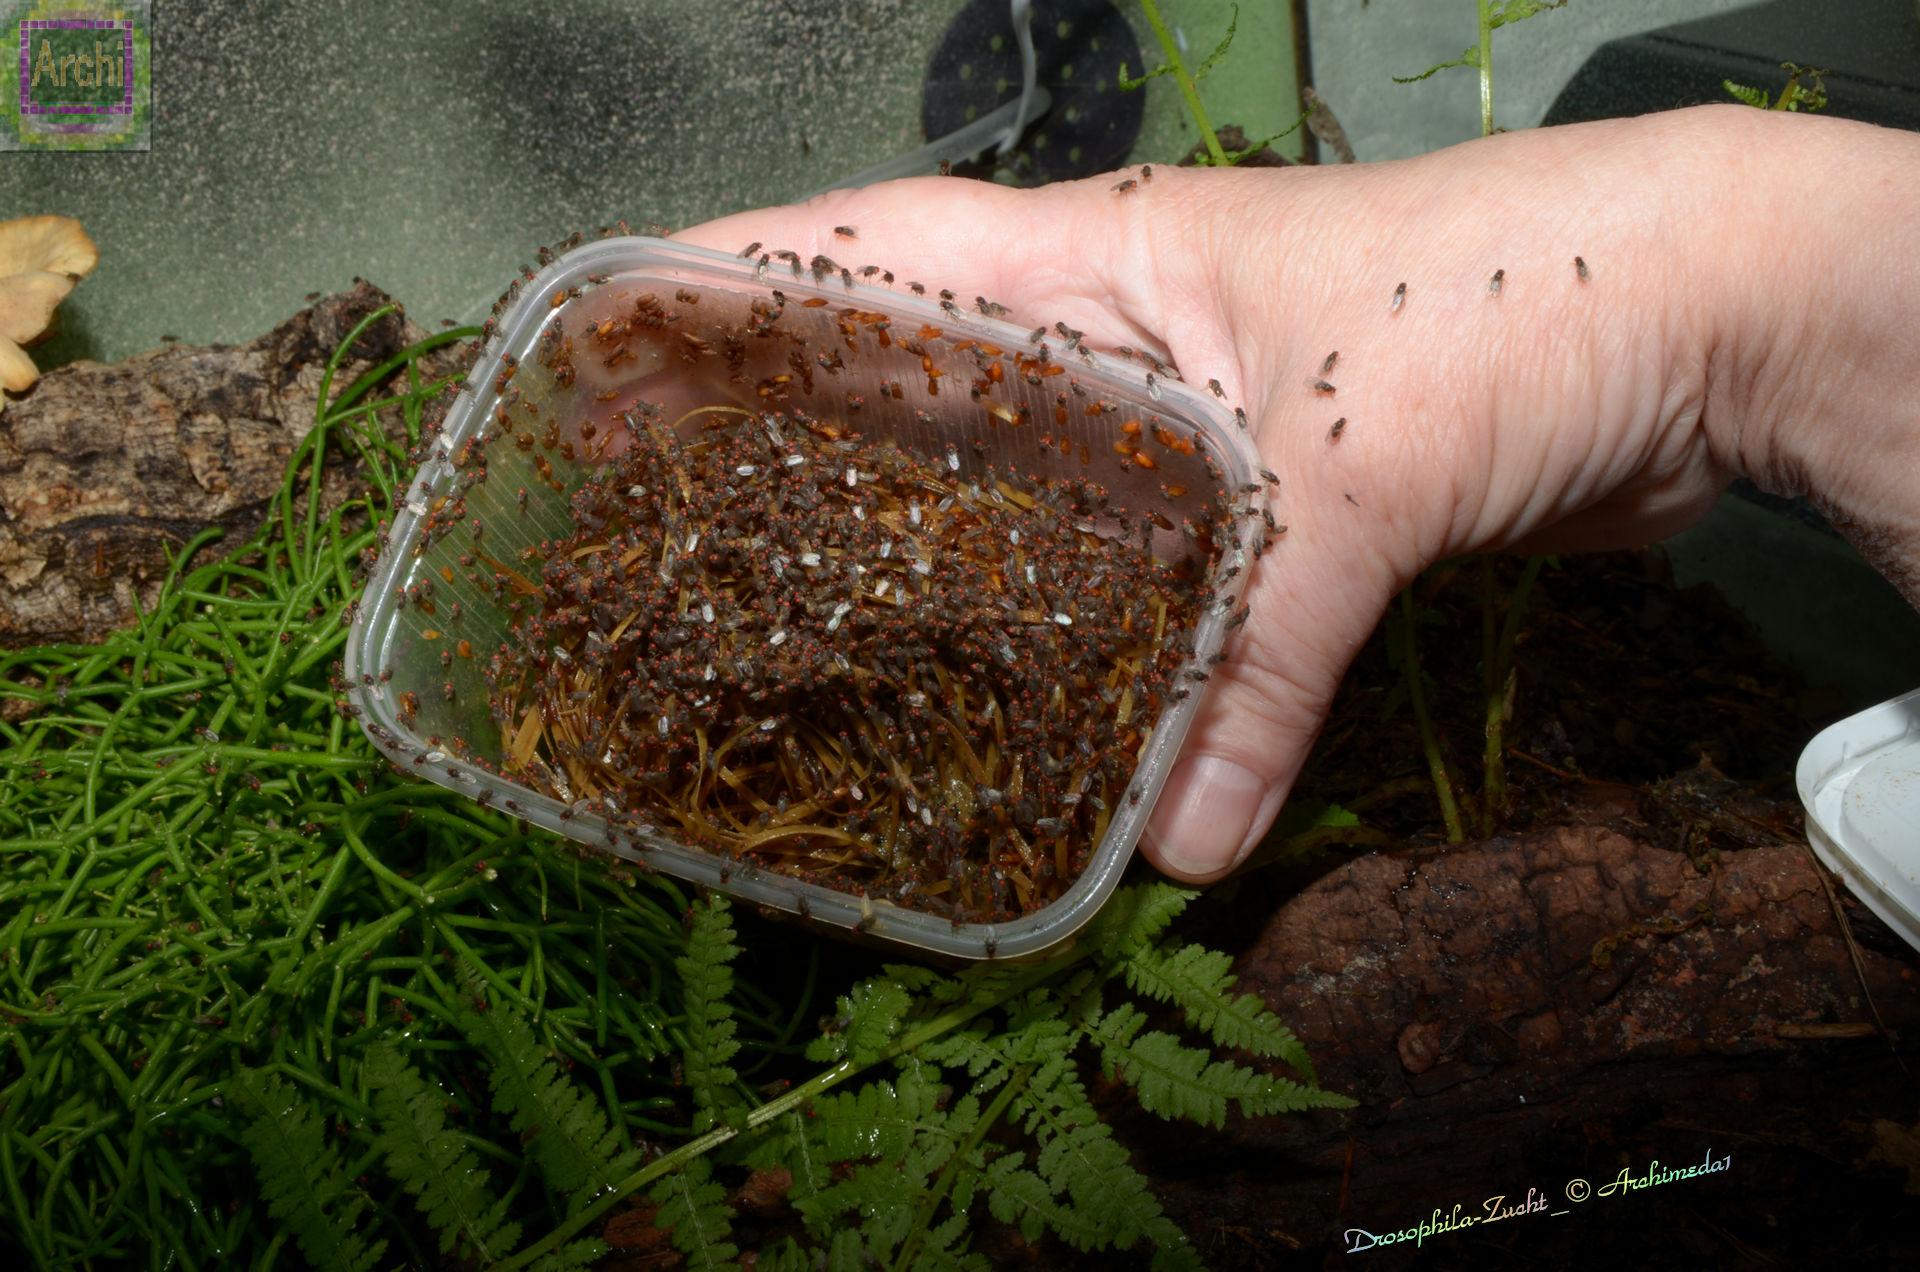 Fruchtfliege drospophila hydei zucht ineineandrewelt for Fruchtfliegen pflanzen